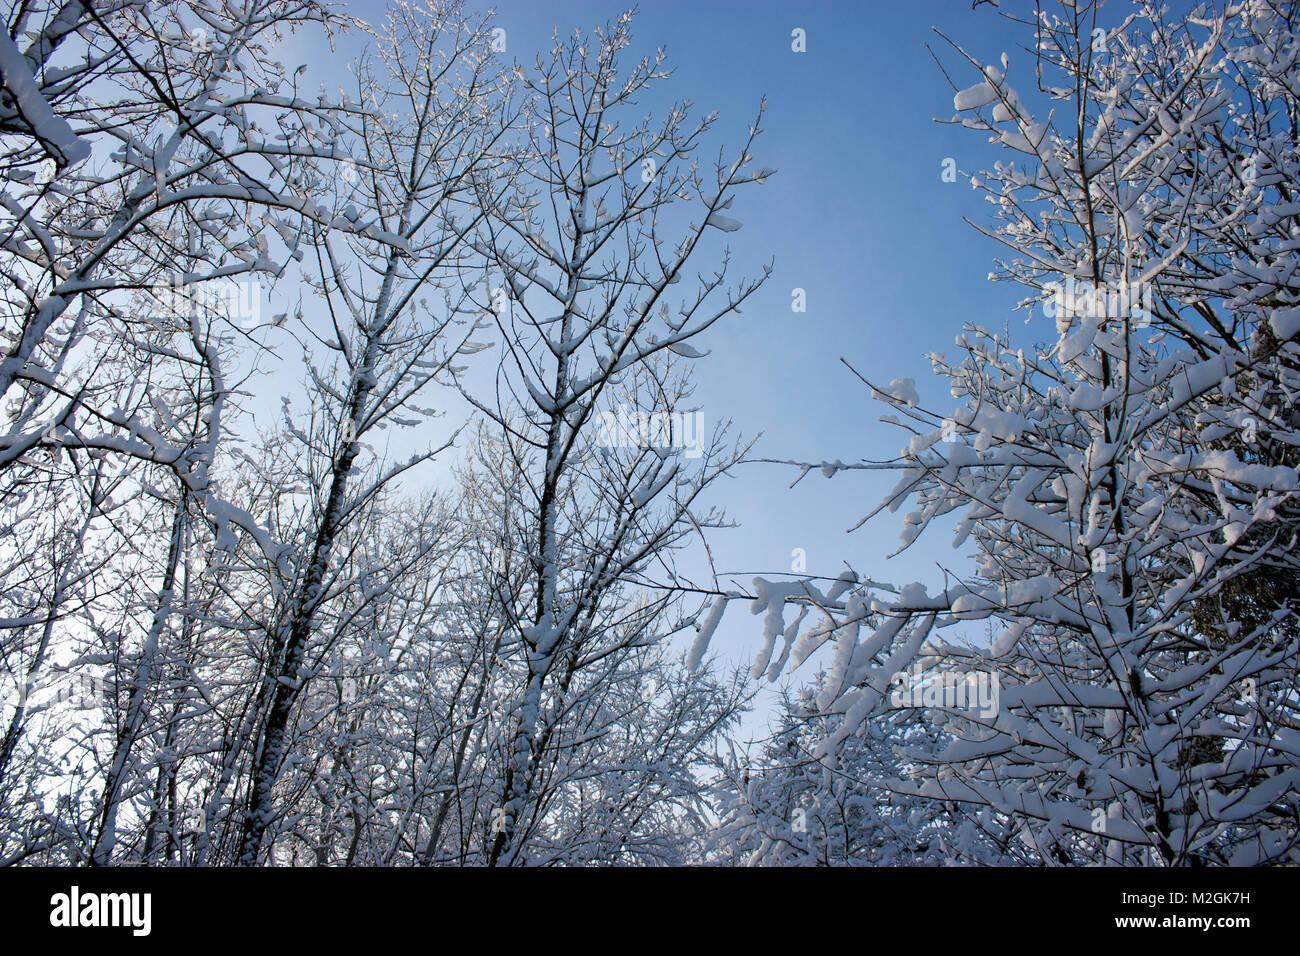 wald im winter b ume im schnee schnee m rchen natur stockfoto bild 173699333 alamy. Black Bedroom Furniture Sets. Home Design Ideas